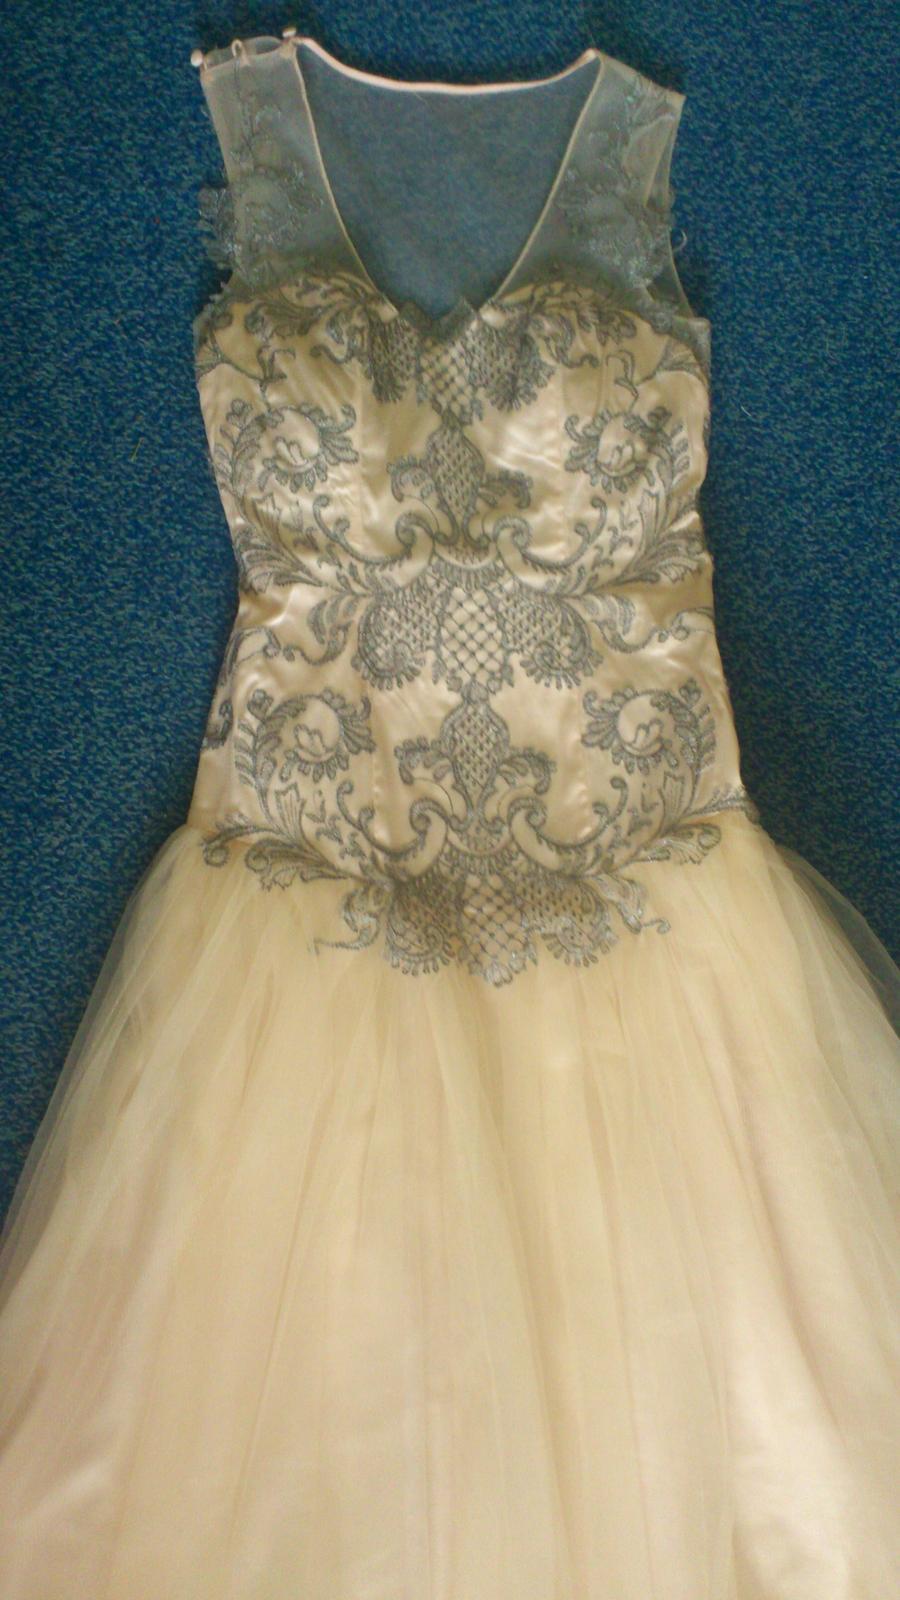 Atypické šaty ze splývavého tylu zdobené krajkou - Obrázek č. 1